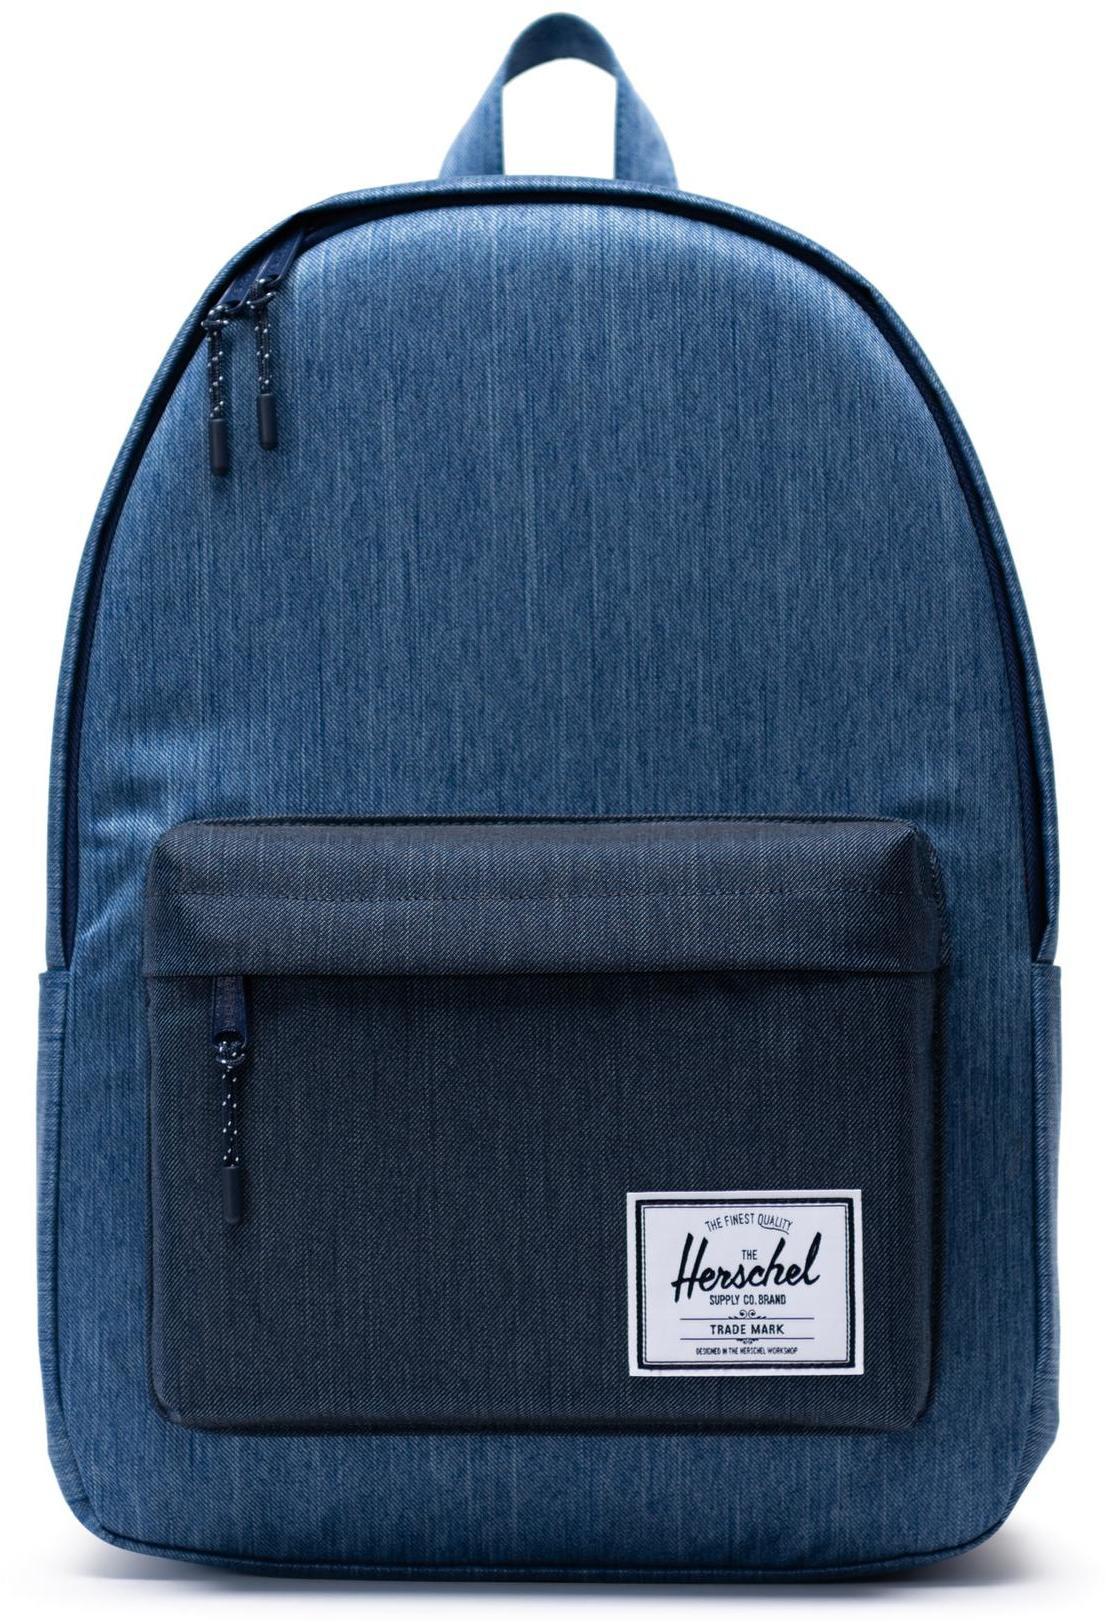 Herschel Classic XL Backpack 30l, faded denim/indigo denim (2019)   Rygsæk og rejsetasker